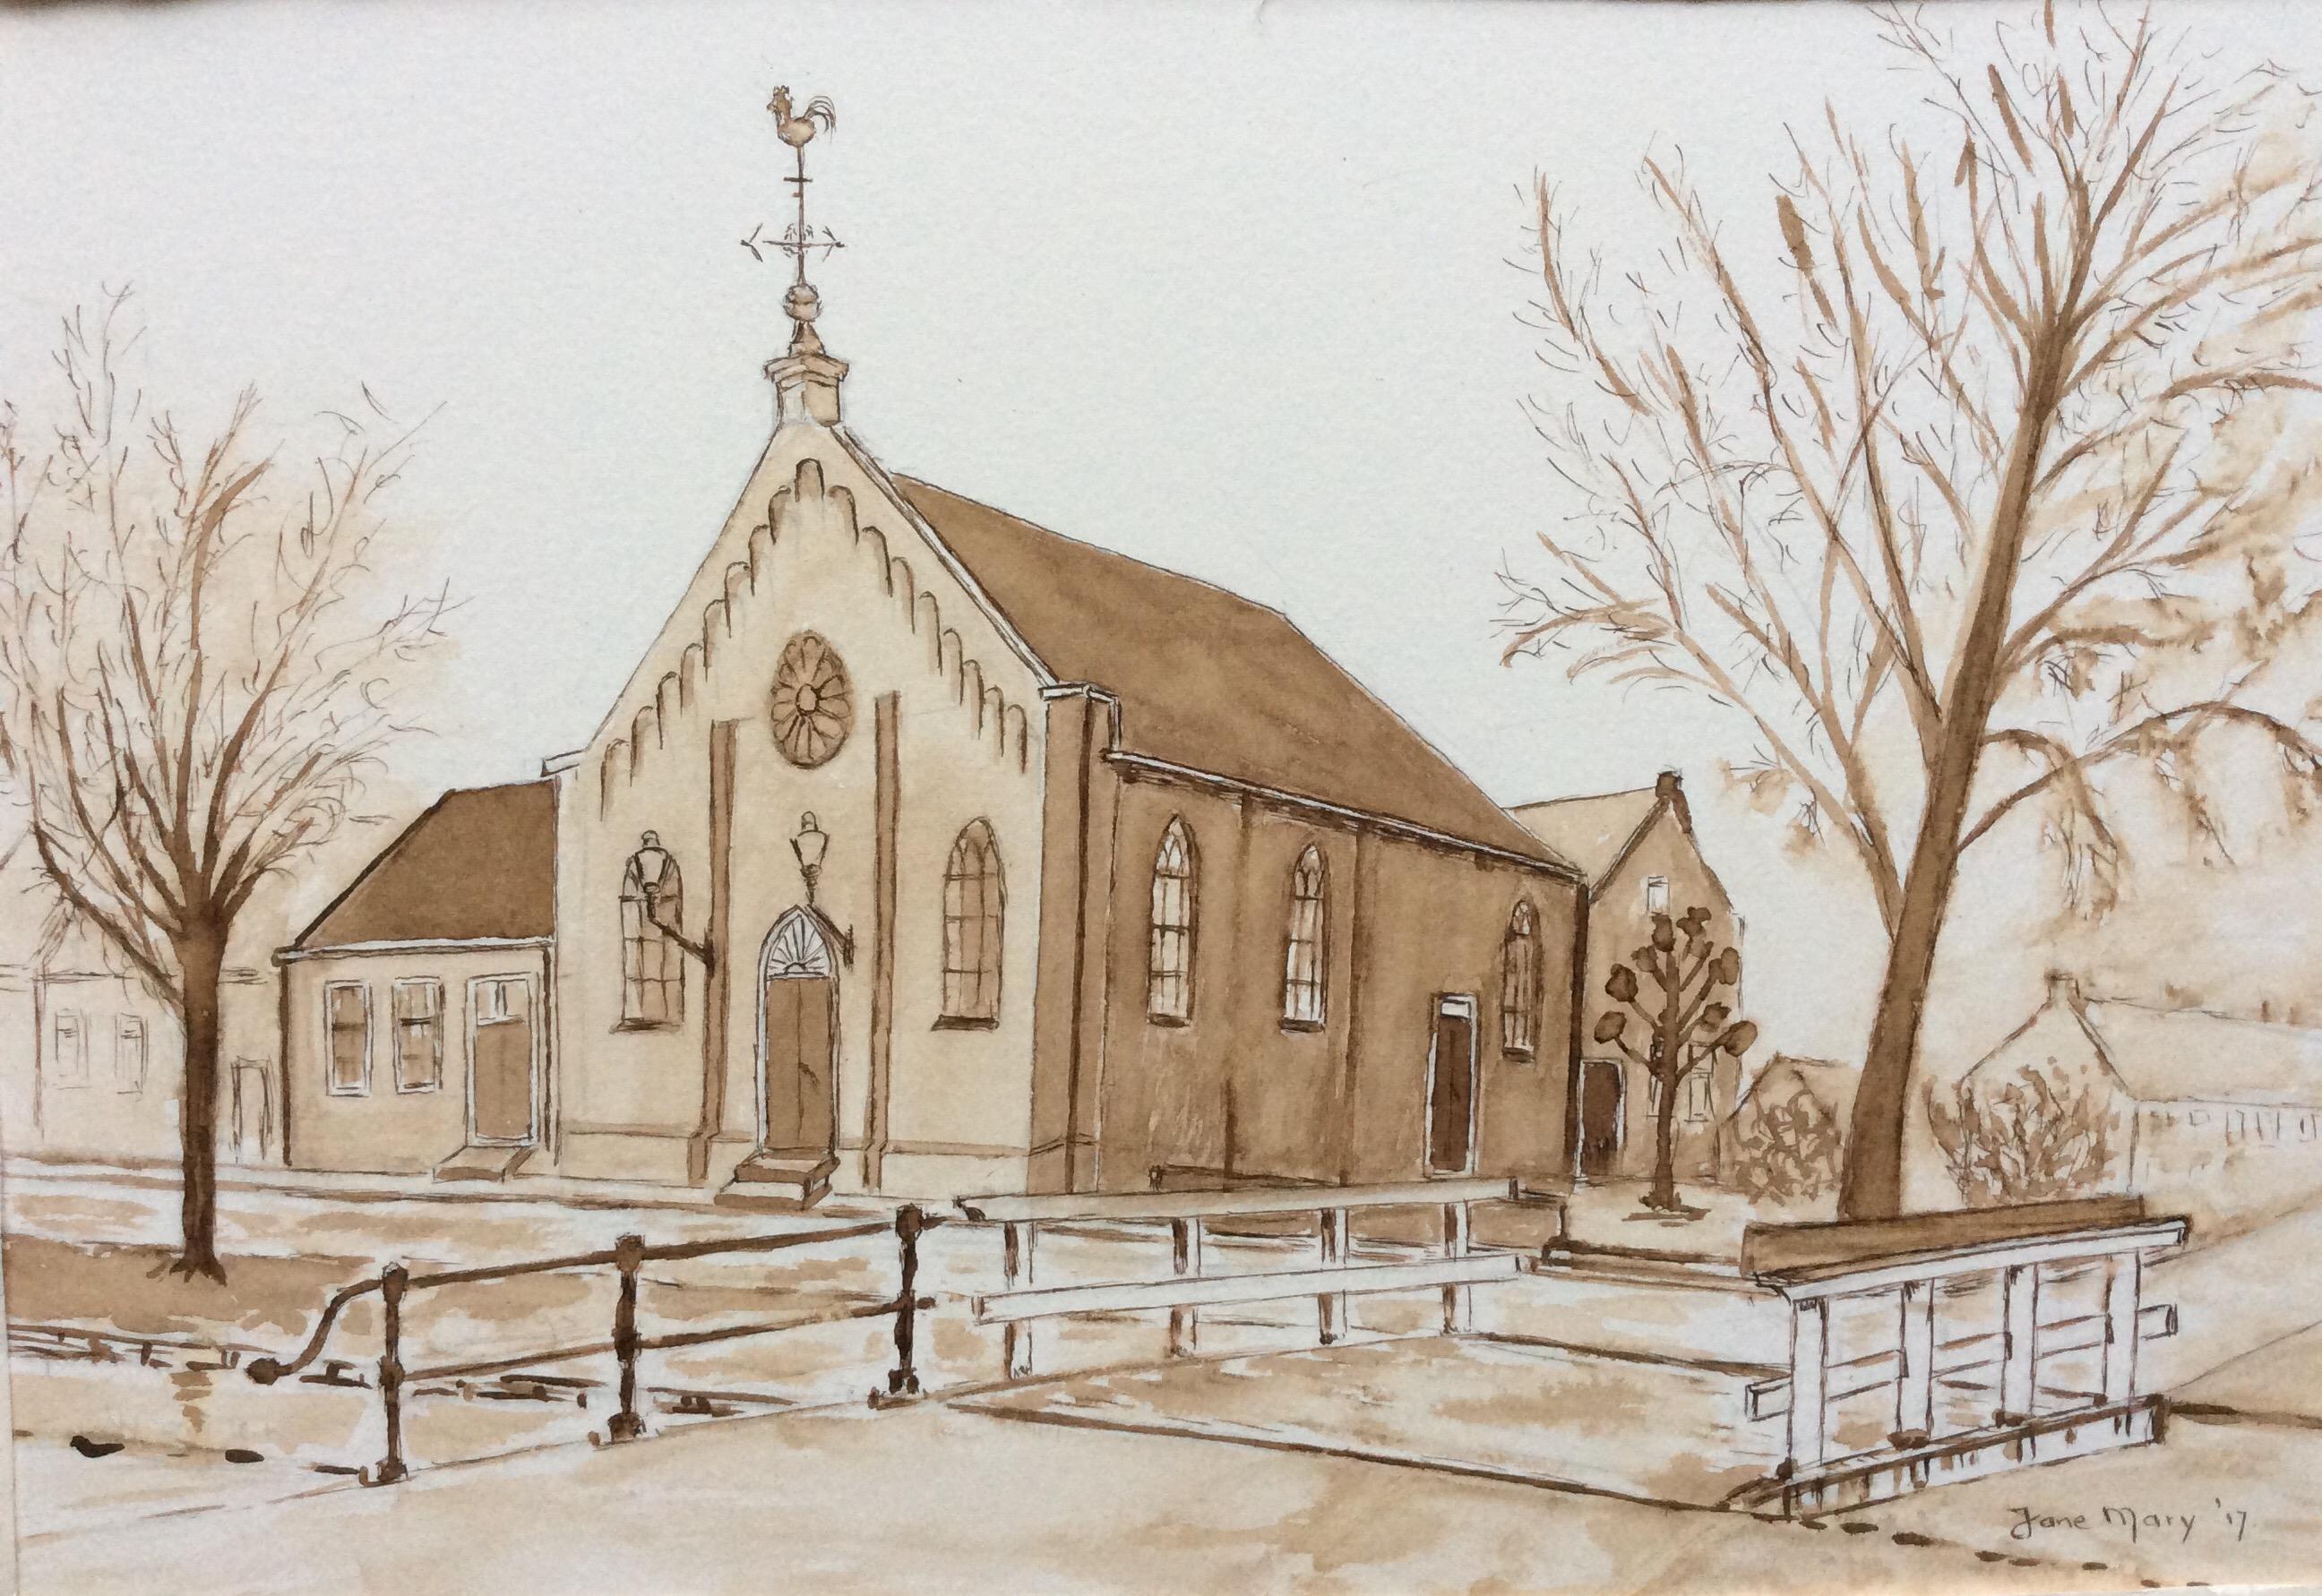 2017-02-05 Groenlandkerk Janny van der Zaag